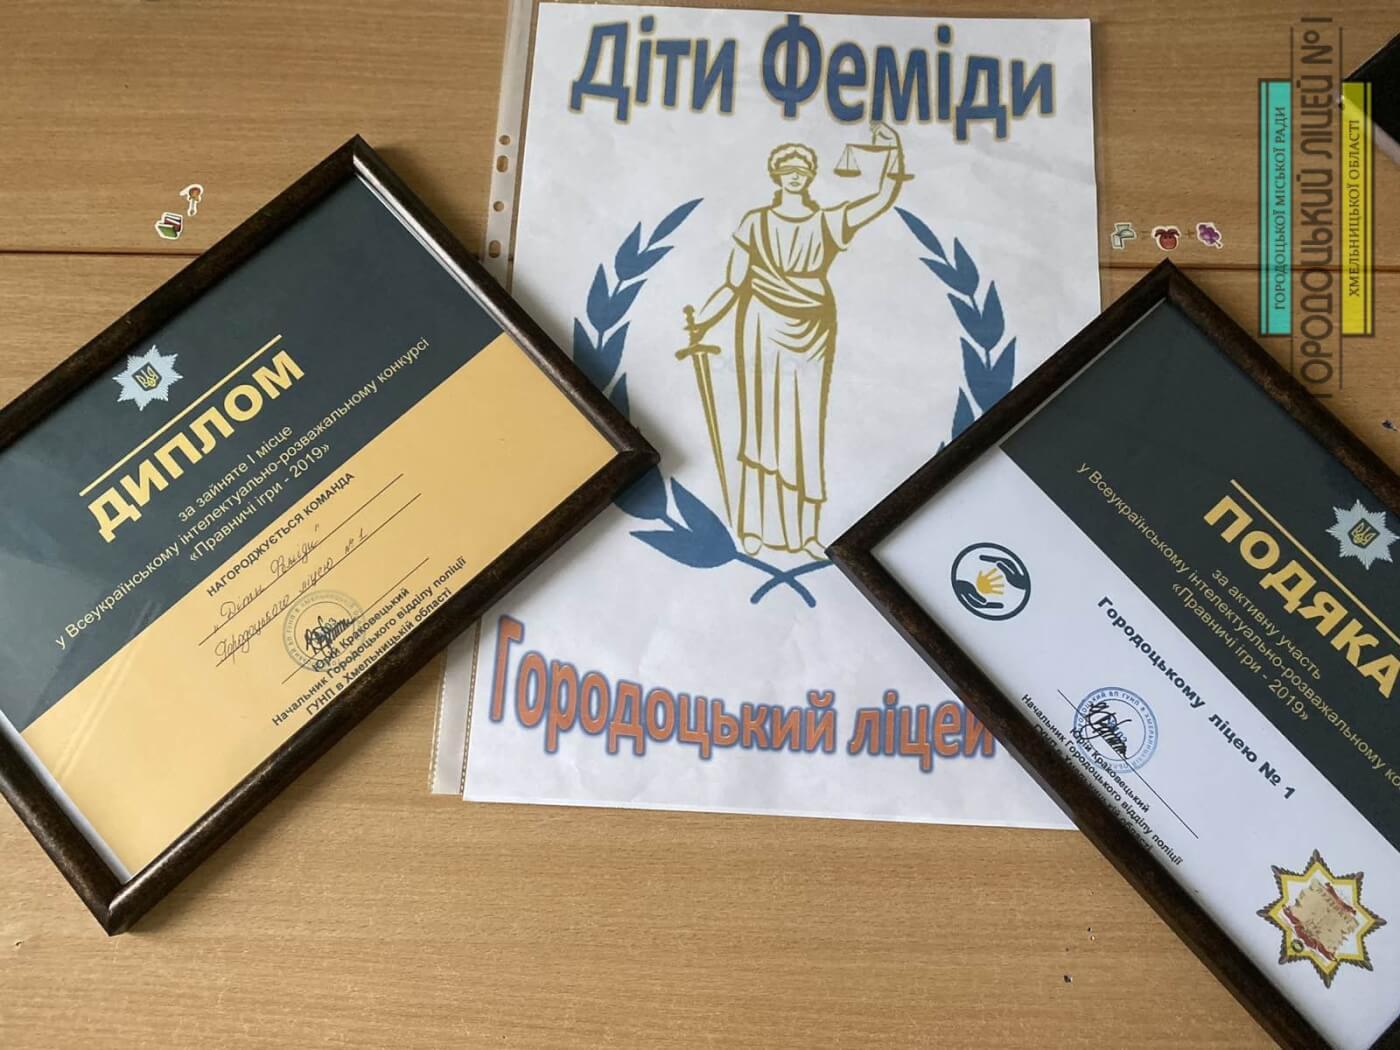 zobrazhennya viber 2019 12 13 18 46 53 e1576406798215 - Інтелектуально-розважальний конкурс «Правничі ігри»